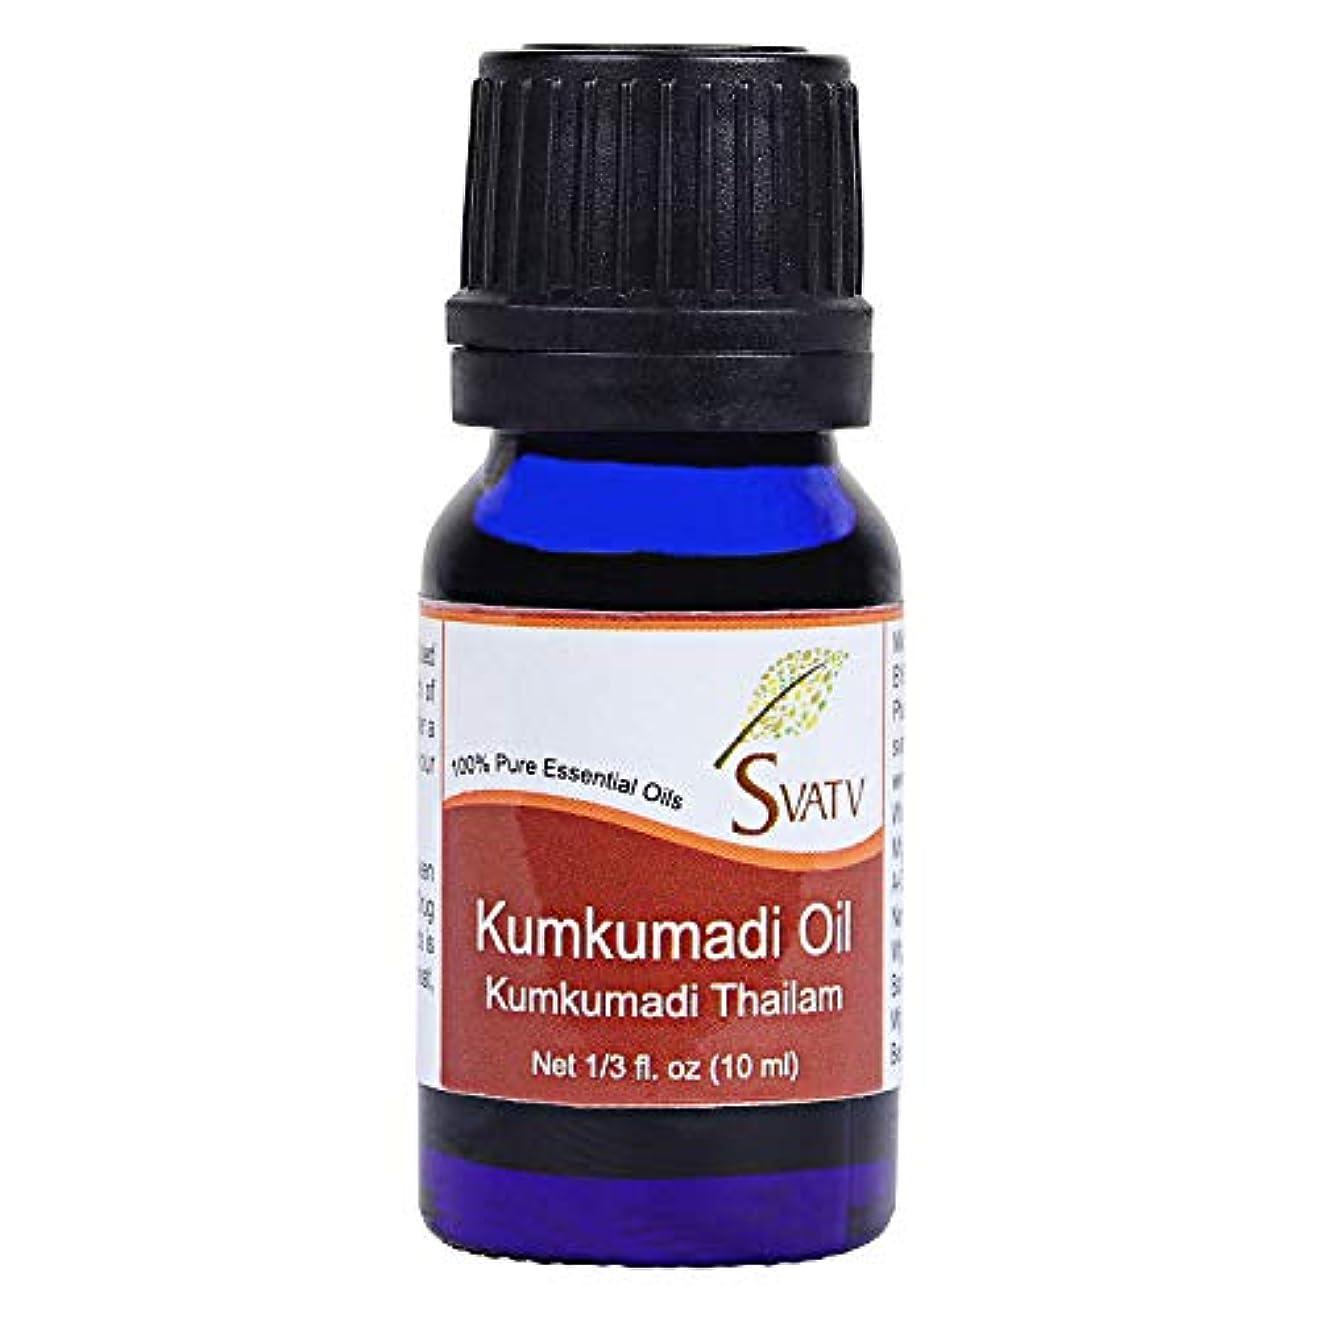 陰謀どれか心臓SVATV KUMKUMADI (kumkumadi thailam) Essential Oil 10 mL (1/3 oz)Therapeutic Grade Aromatherapy Essential Oil